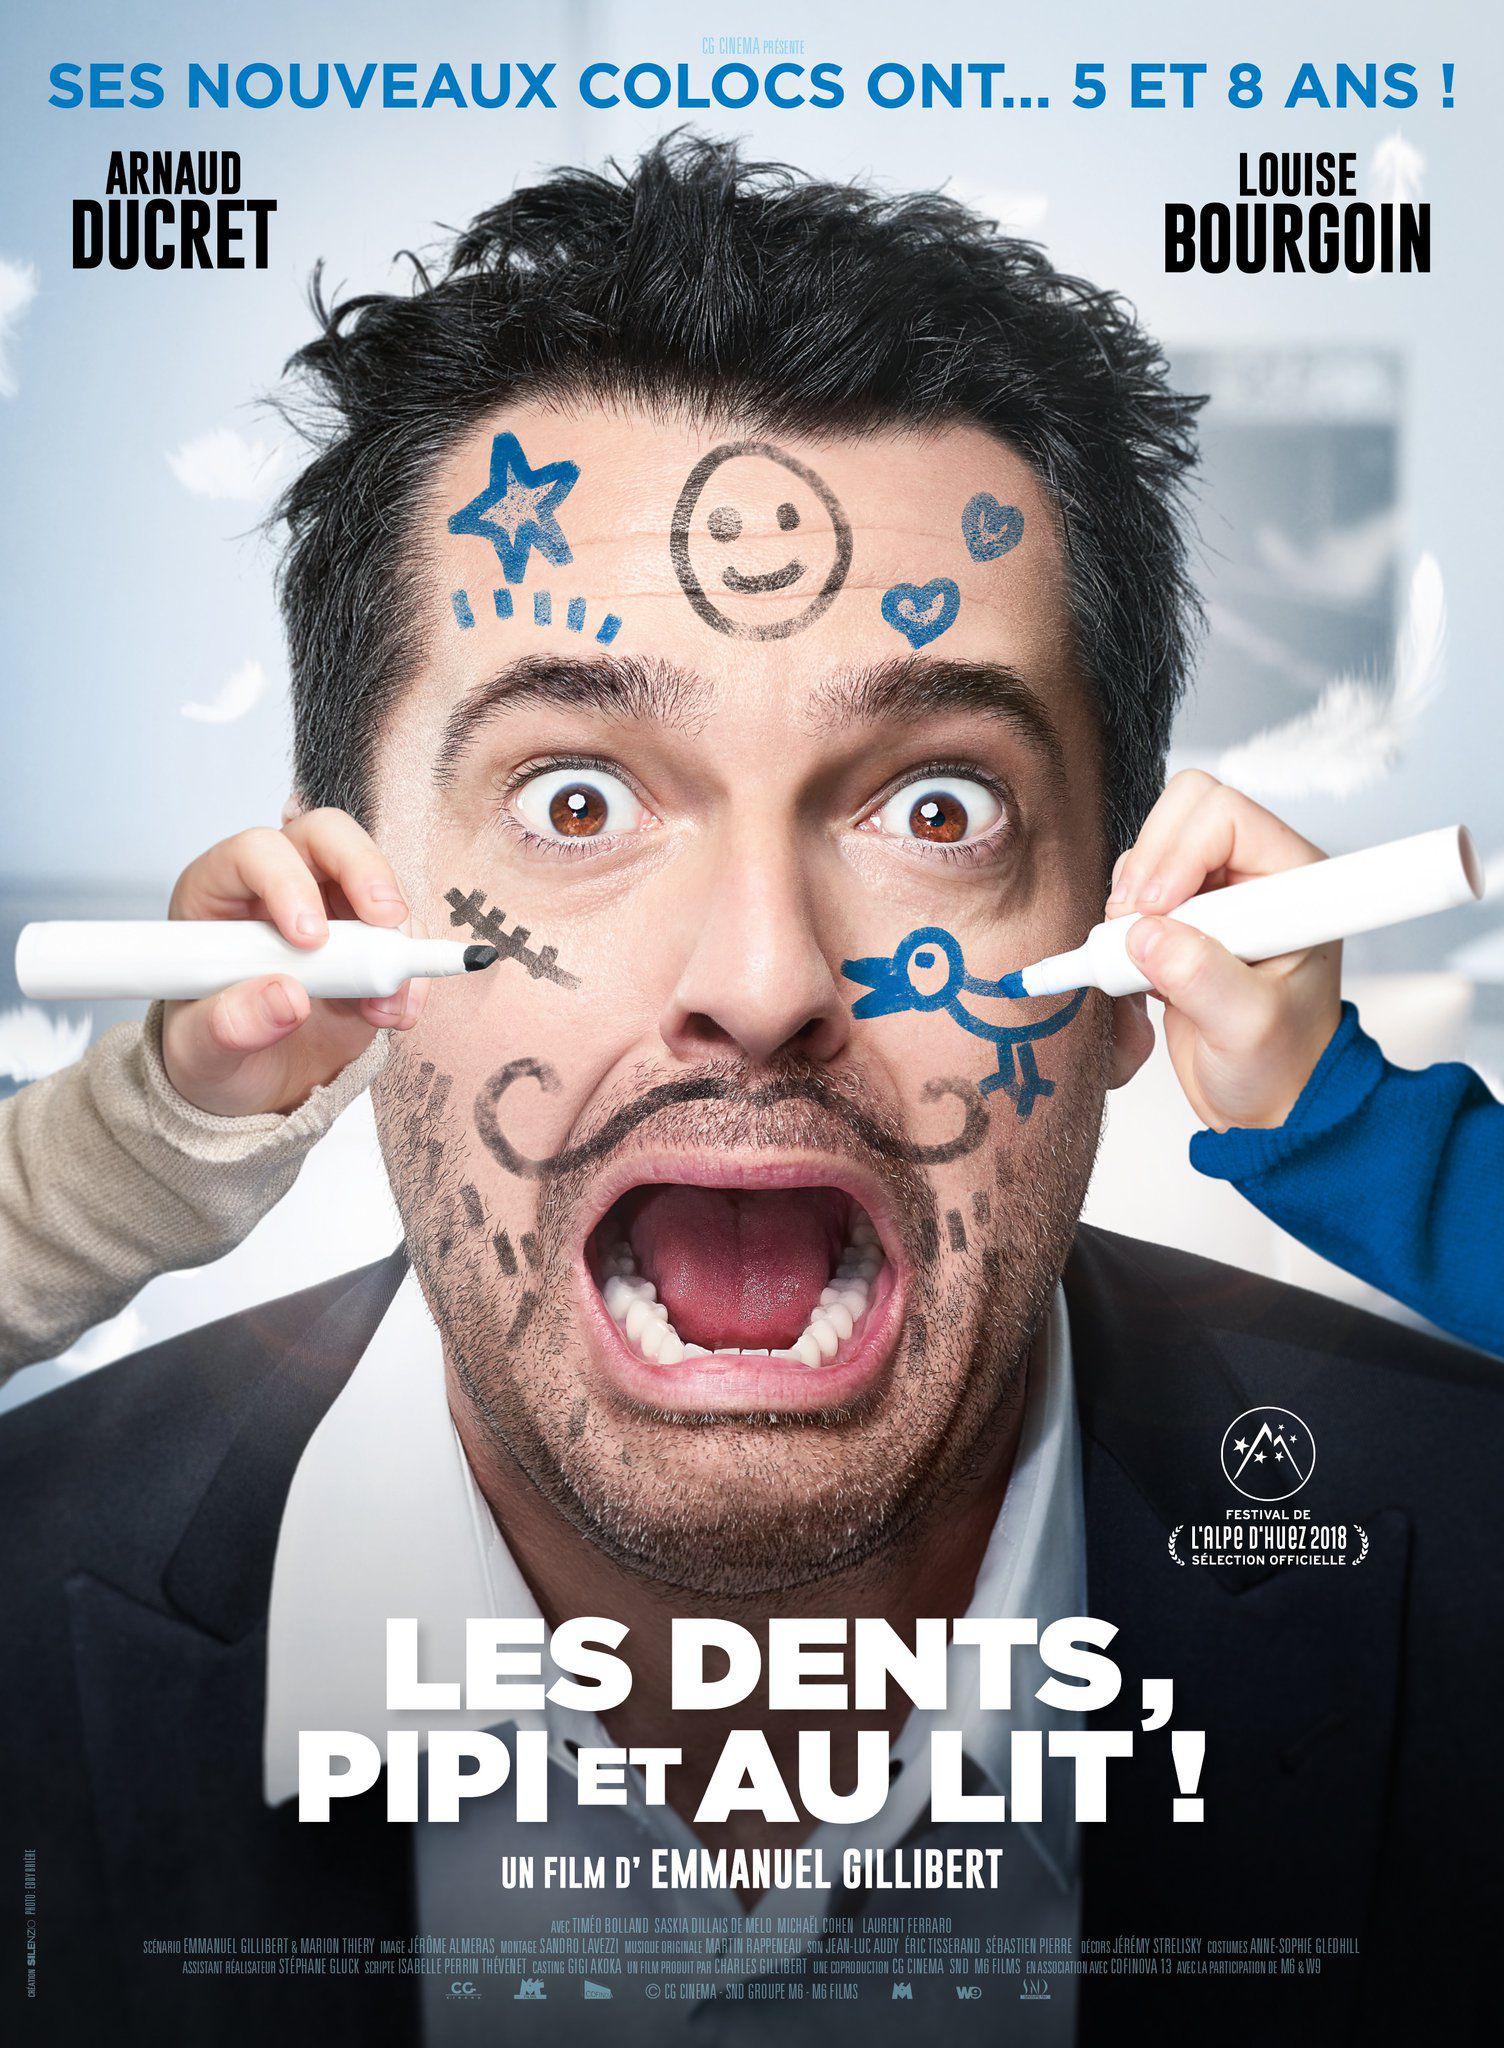 Les Dents, pipi et au lit ! - Film (2018)